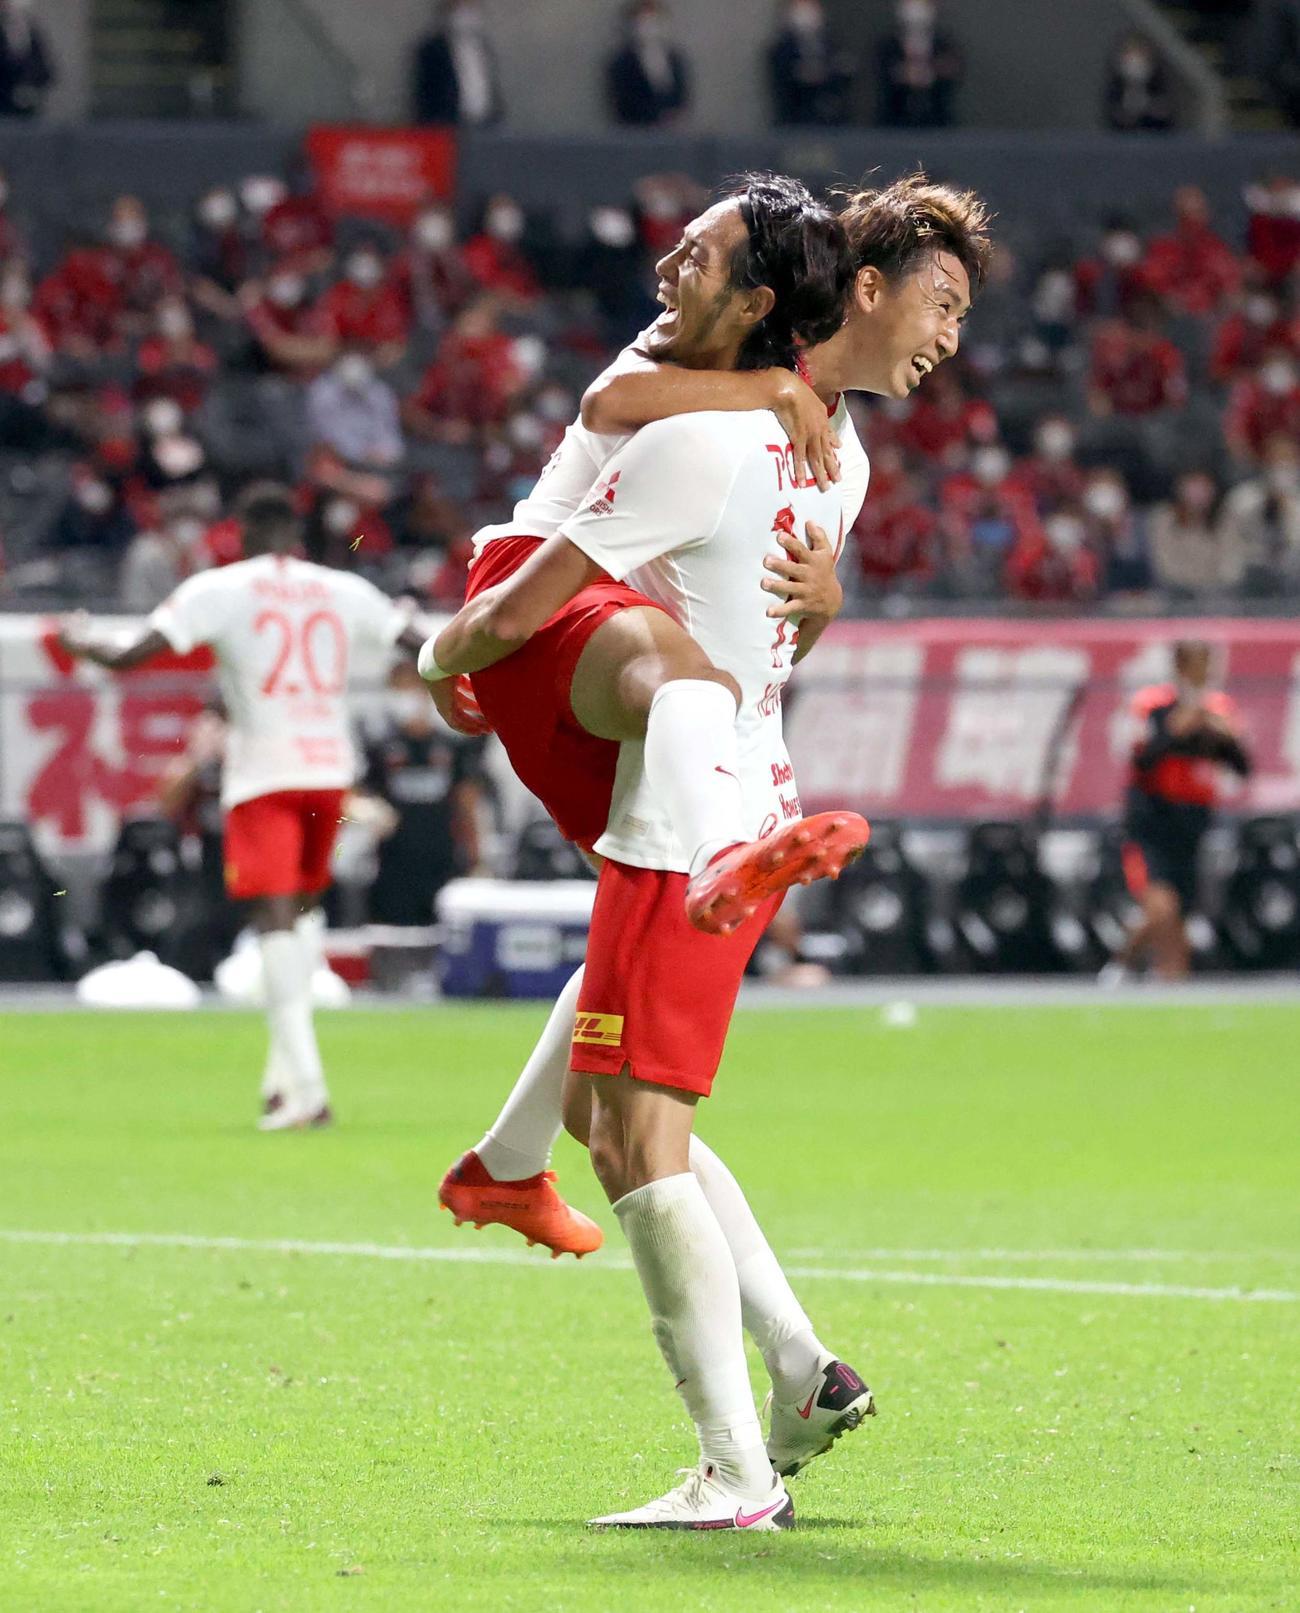 札幌対浦和 試合終了間際、ゴールを決め抱き合って喜び合う浦和FW杉本とMF柴戸(左)(撮影・佐藤翔太)